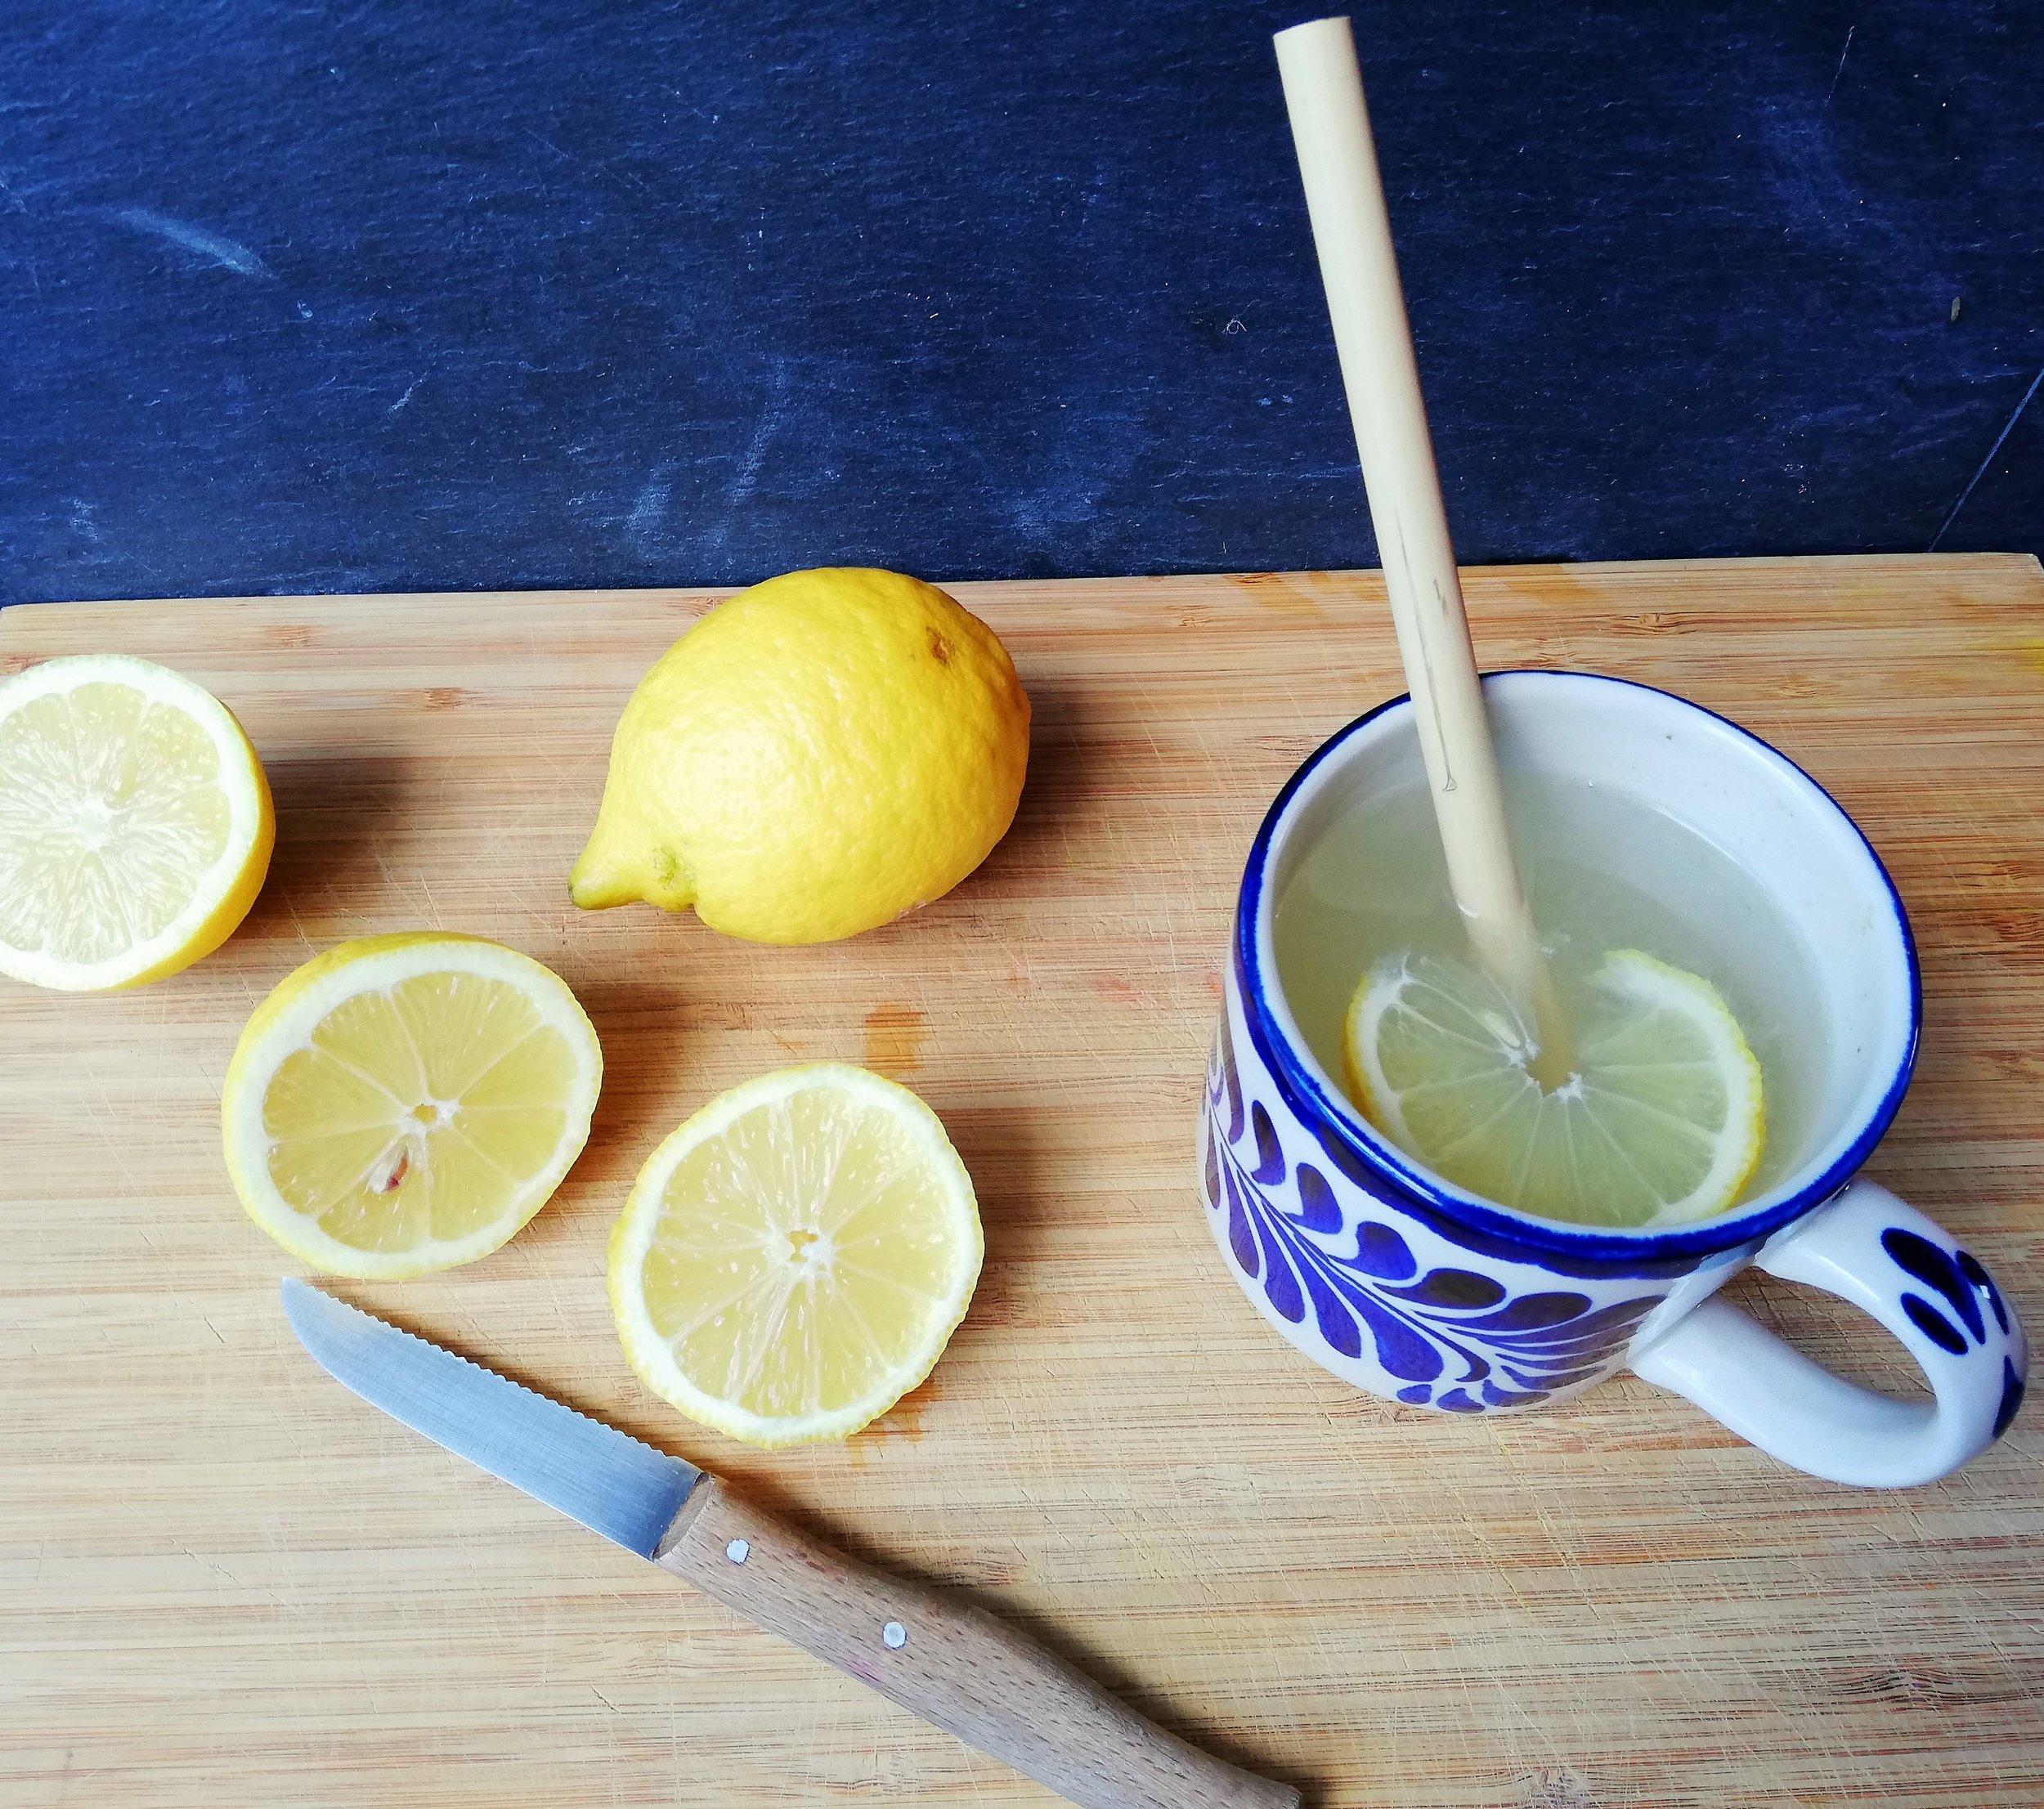 - La vitamina C, es una vitamina que podemos conseguir a través de muchos alimentos como los cítricos: naranjas, mandarinas, pomelo, limones, aunque hay también otros alimentos muy altos en esta vitamina